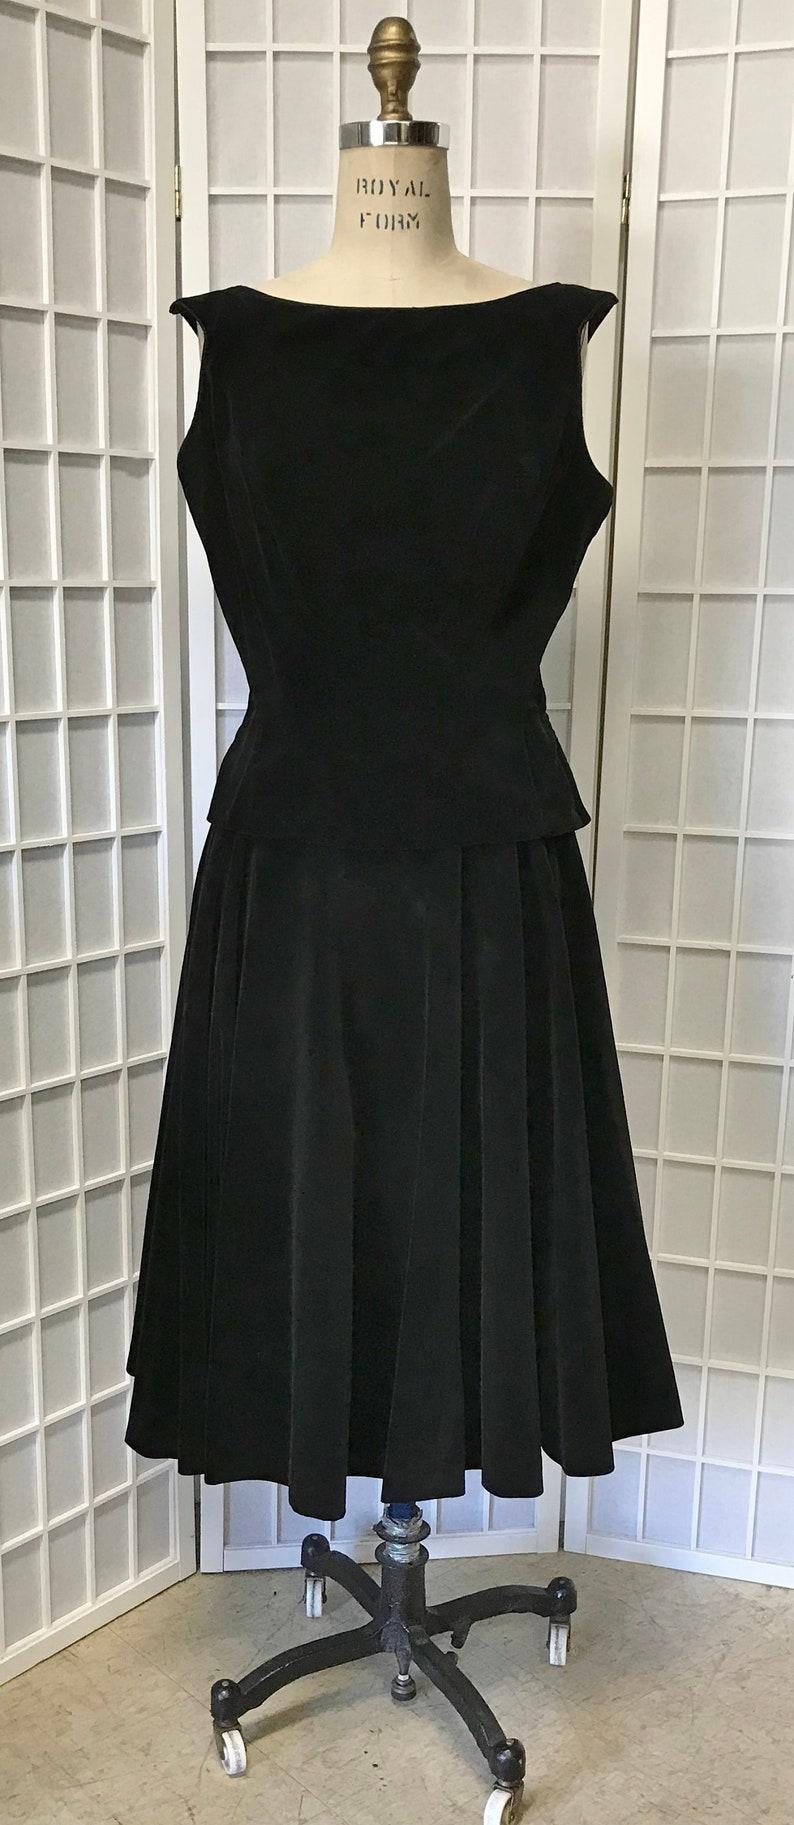 1950s 2-Piece Black Velvet Sleeveless Dress McArthur LTD